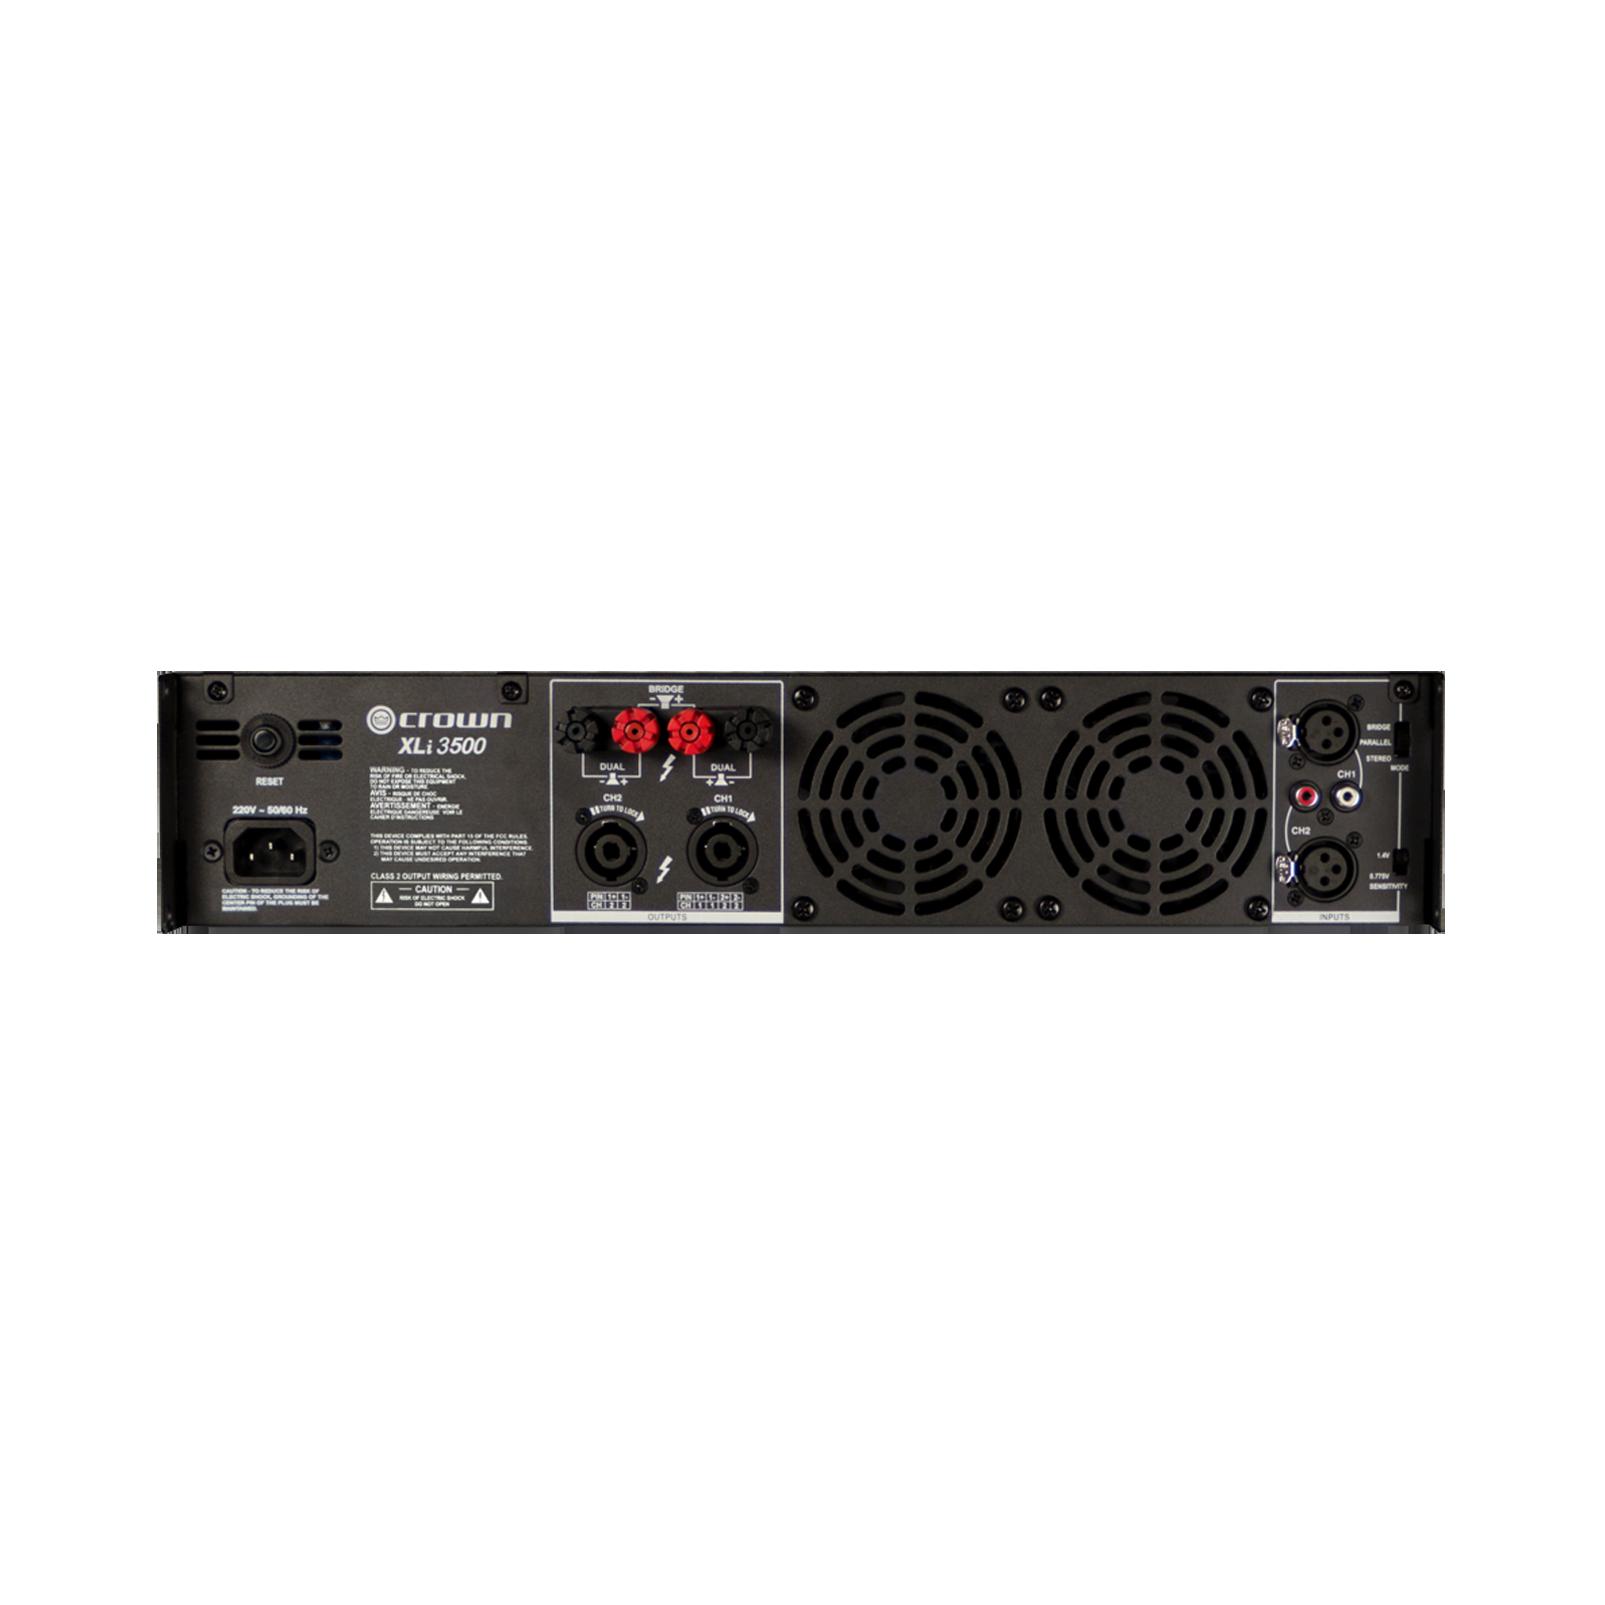 XLi 3500 - Grey - Two-channel, 1350W @ 4Ω power amplifier - Back